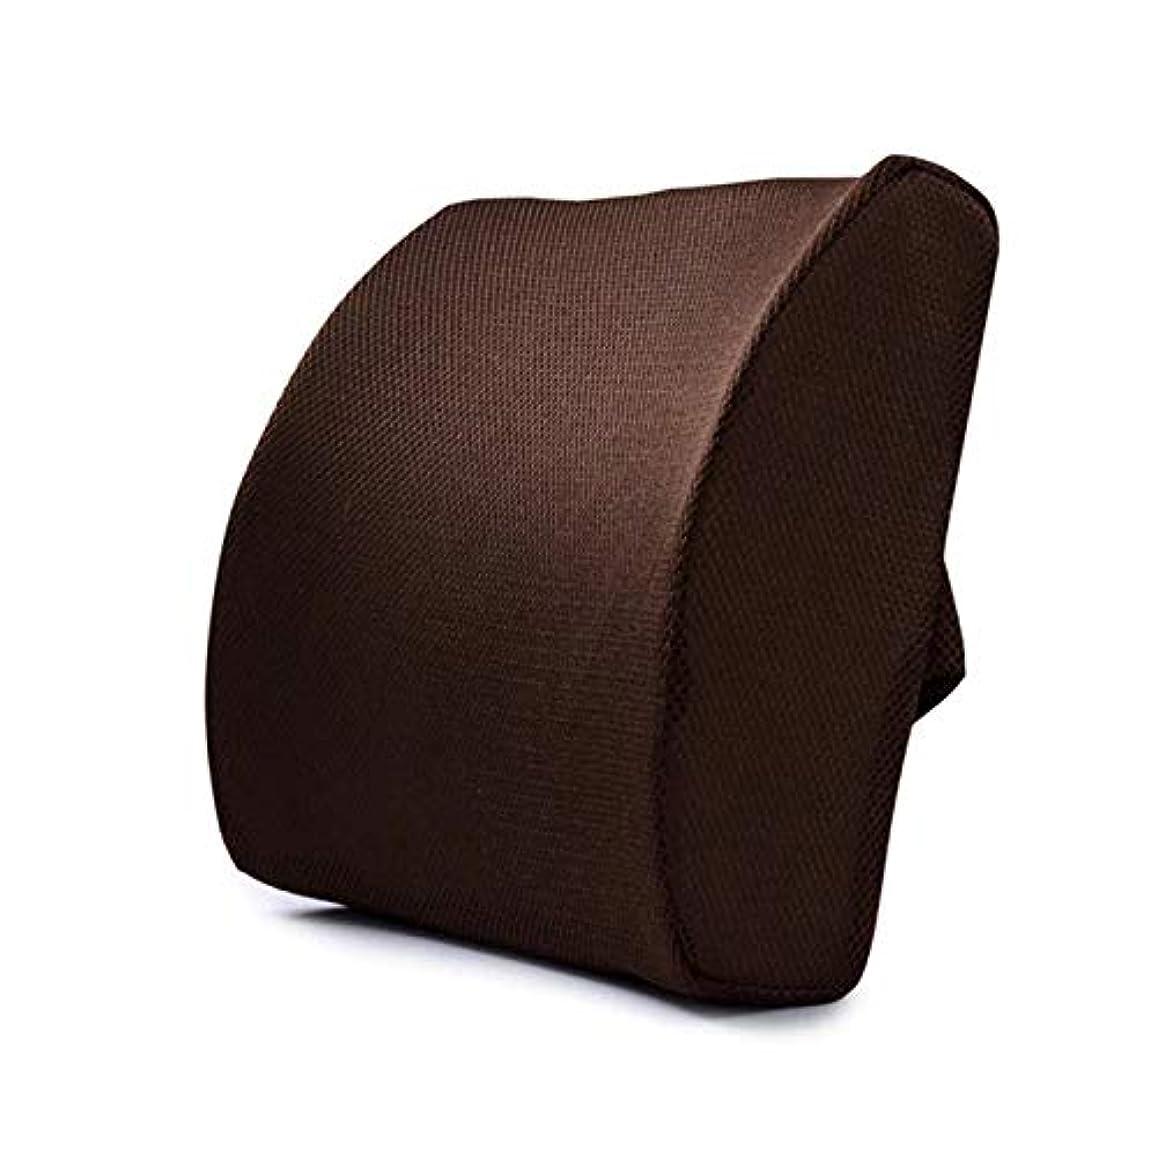 変化するフィルタ登るLIFE ホームオフィス背もたれ椅子腰椎クッションカーシートネック枕 3D 低反発サポートバックマッサージウエストレスリビング枕 クッション 椅子